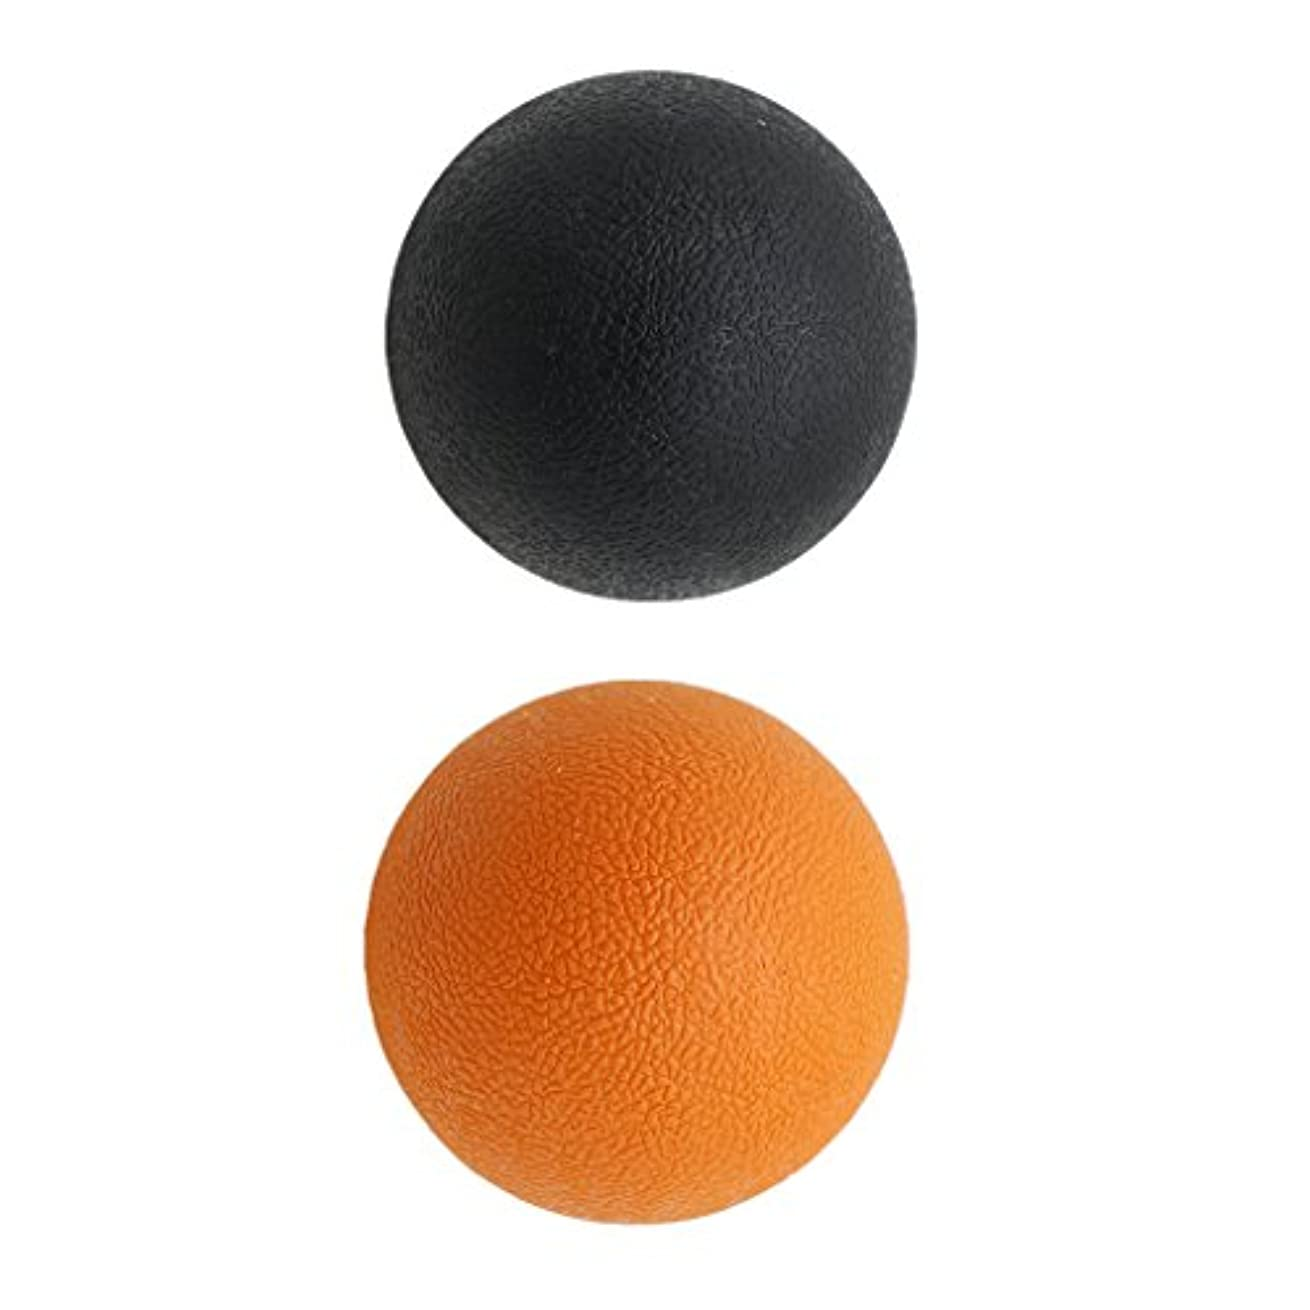 チーム仮称打ち負かすKesoto 2個 マッサージボール ラクロスボール 背部 トリガ ポイント マッサージ 多色選べる - オレンジブラック